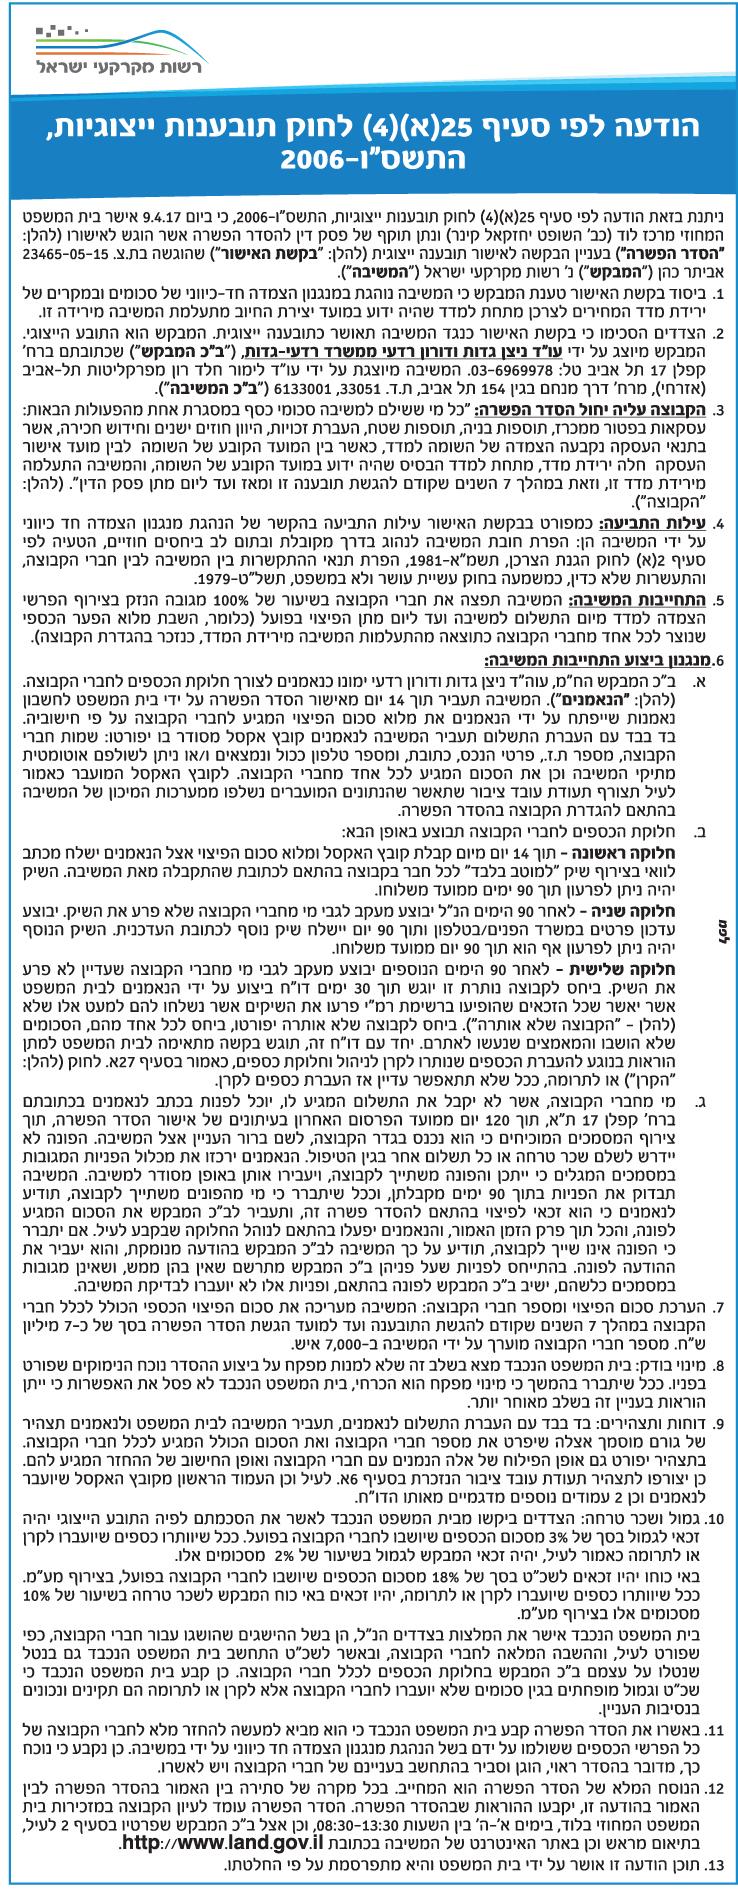 רשות מקרקעי ישראל 2